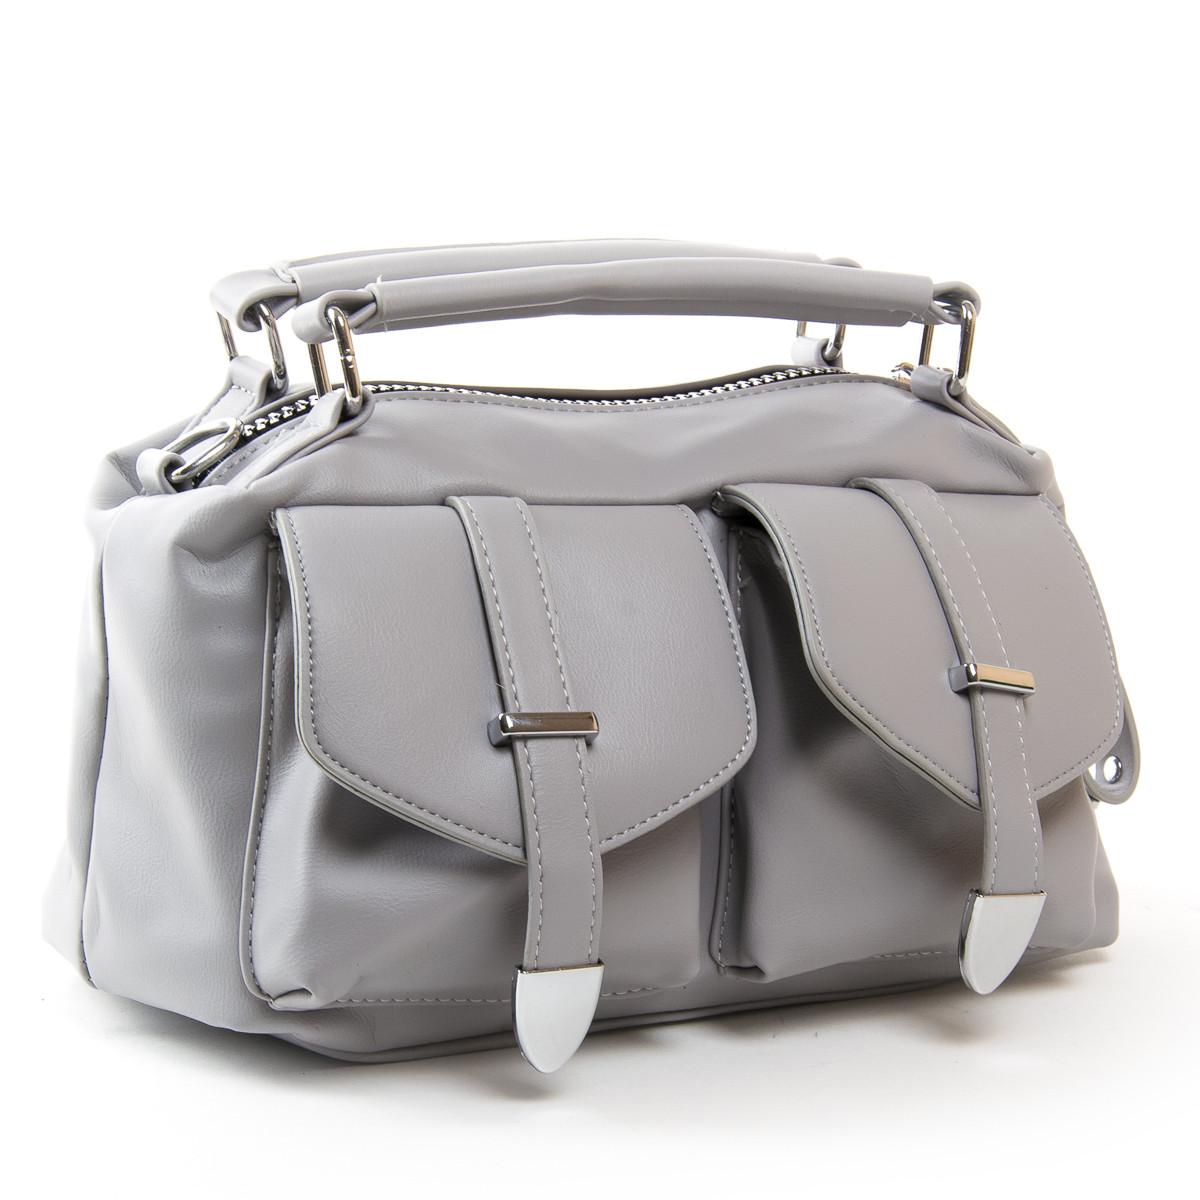 Вместительная женская сумка из искусственной кожи 30*19*13см цвет серый FASHION (01-03 5709 grey)